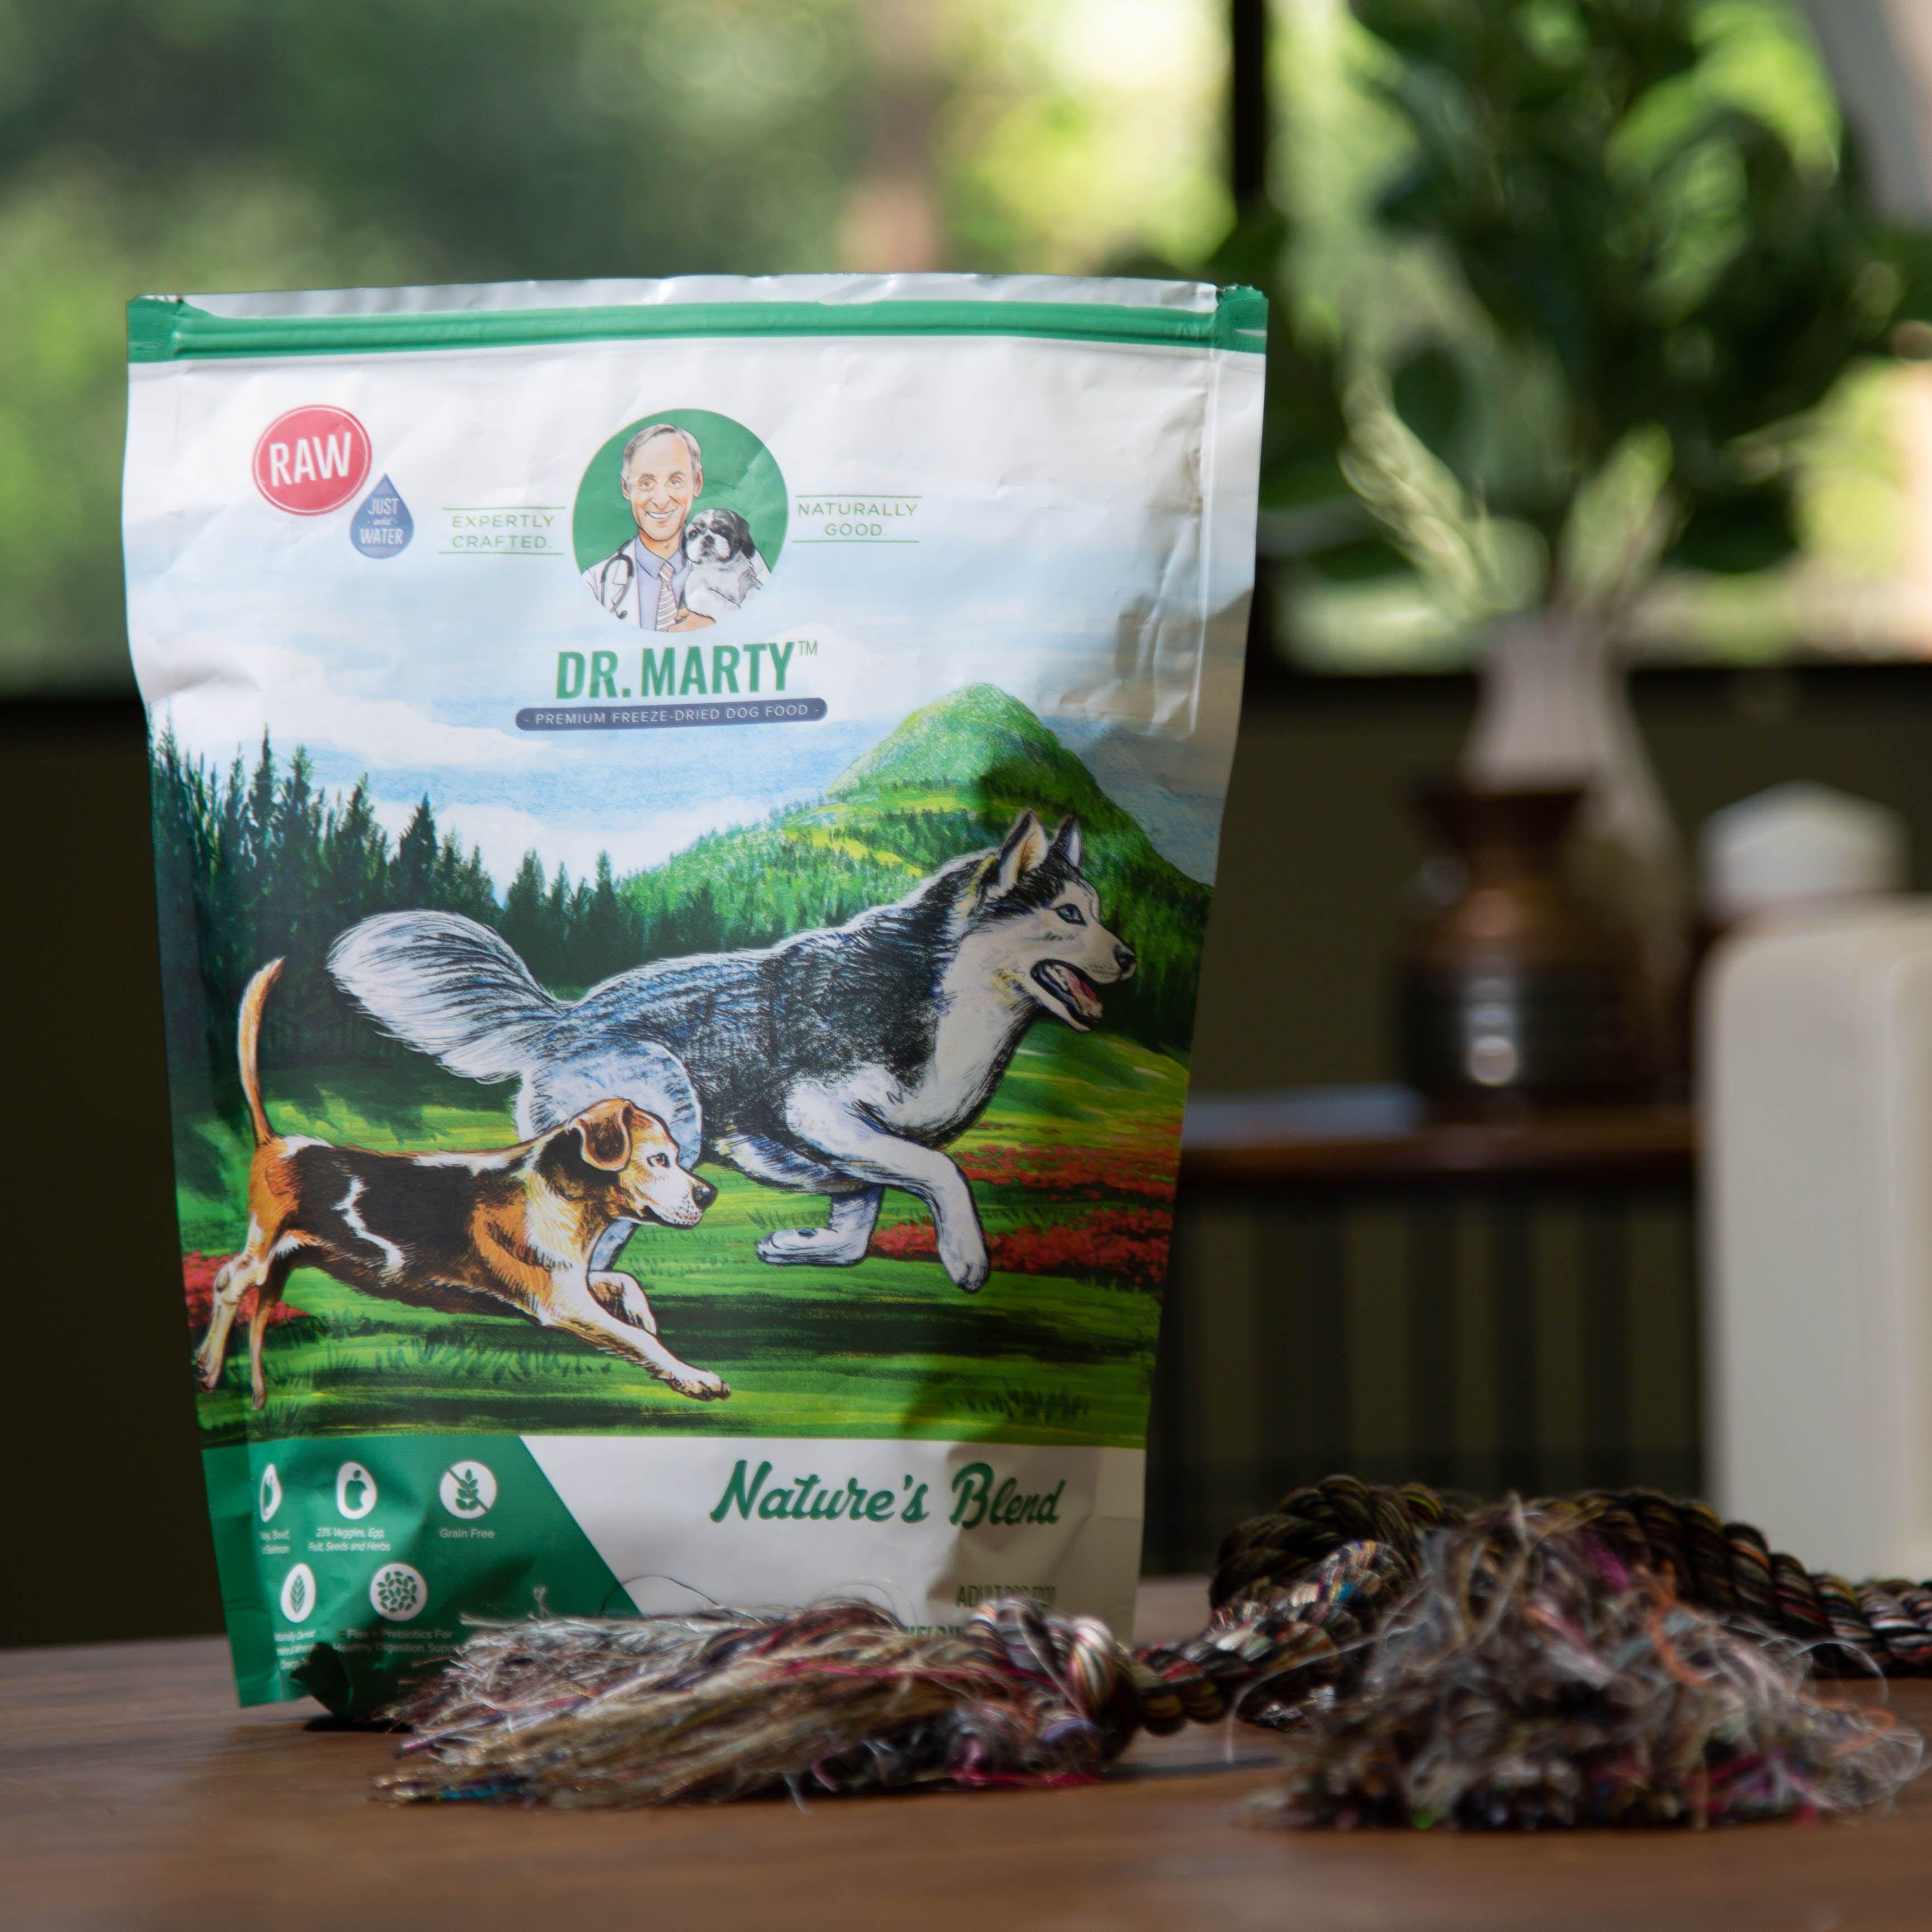 Natures blend dog food by dr marty pets dog food